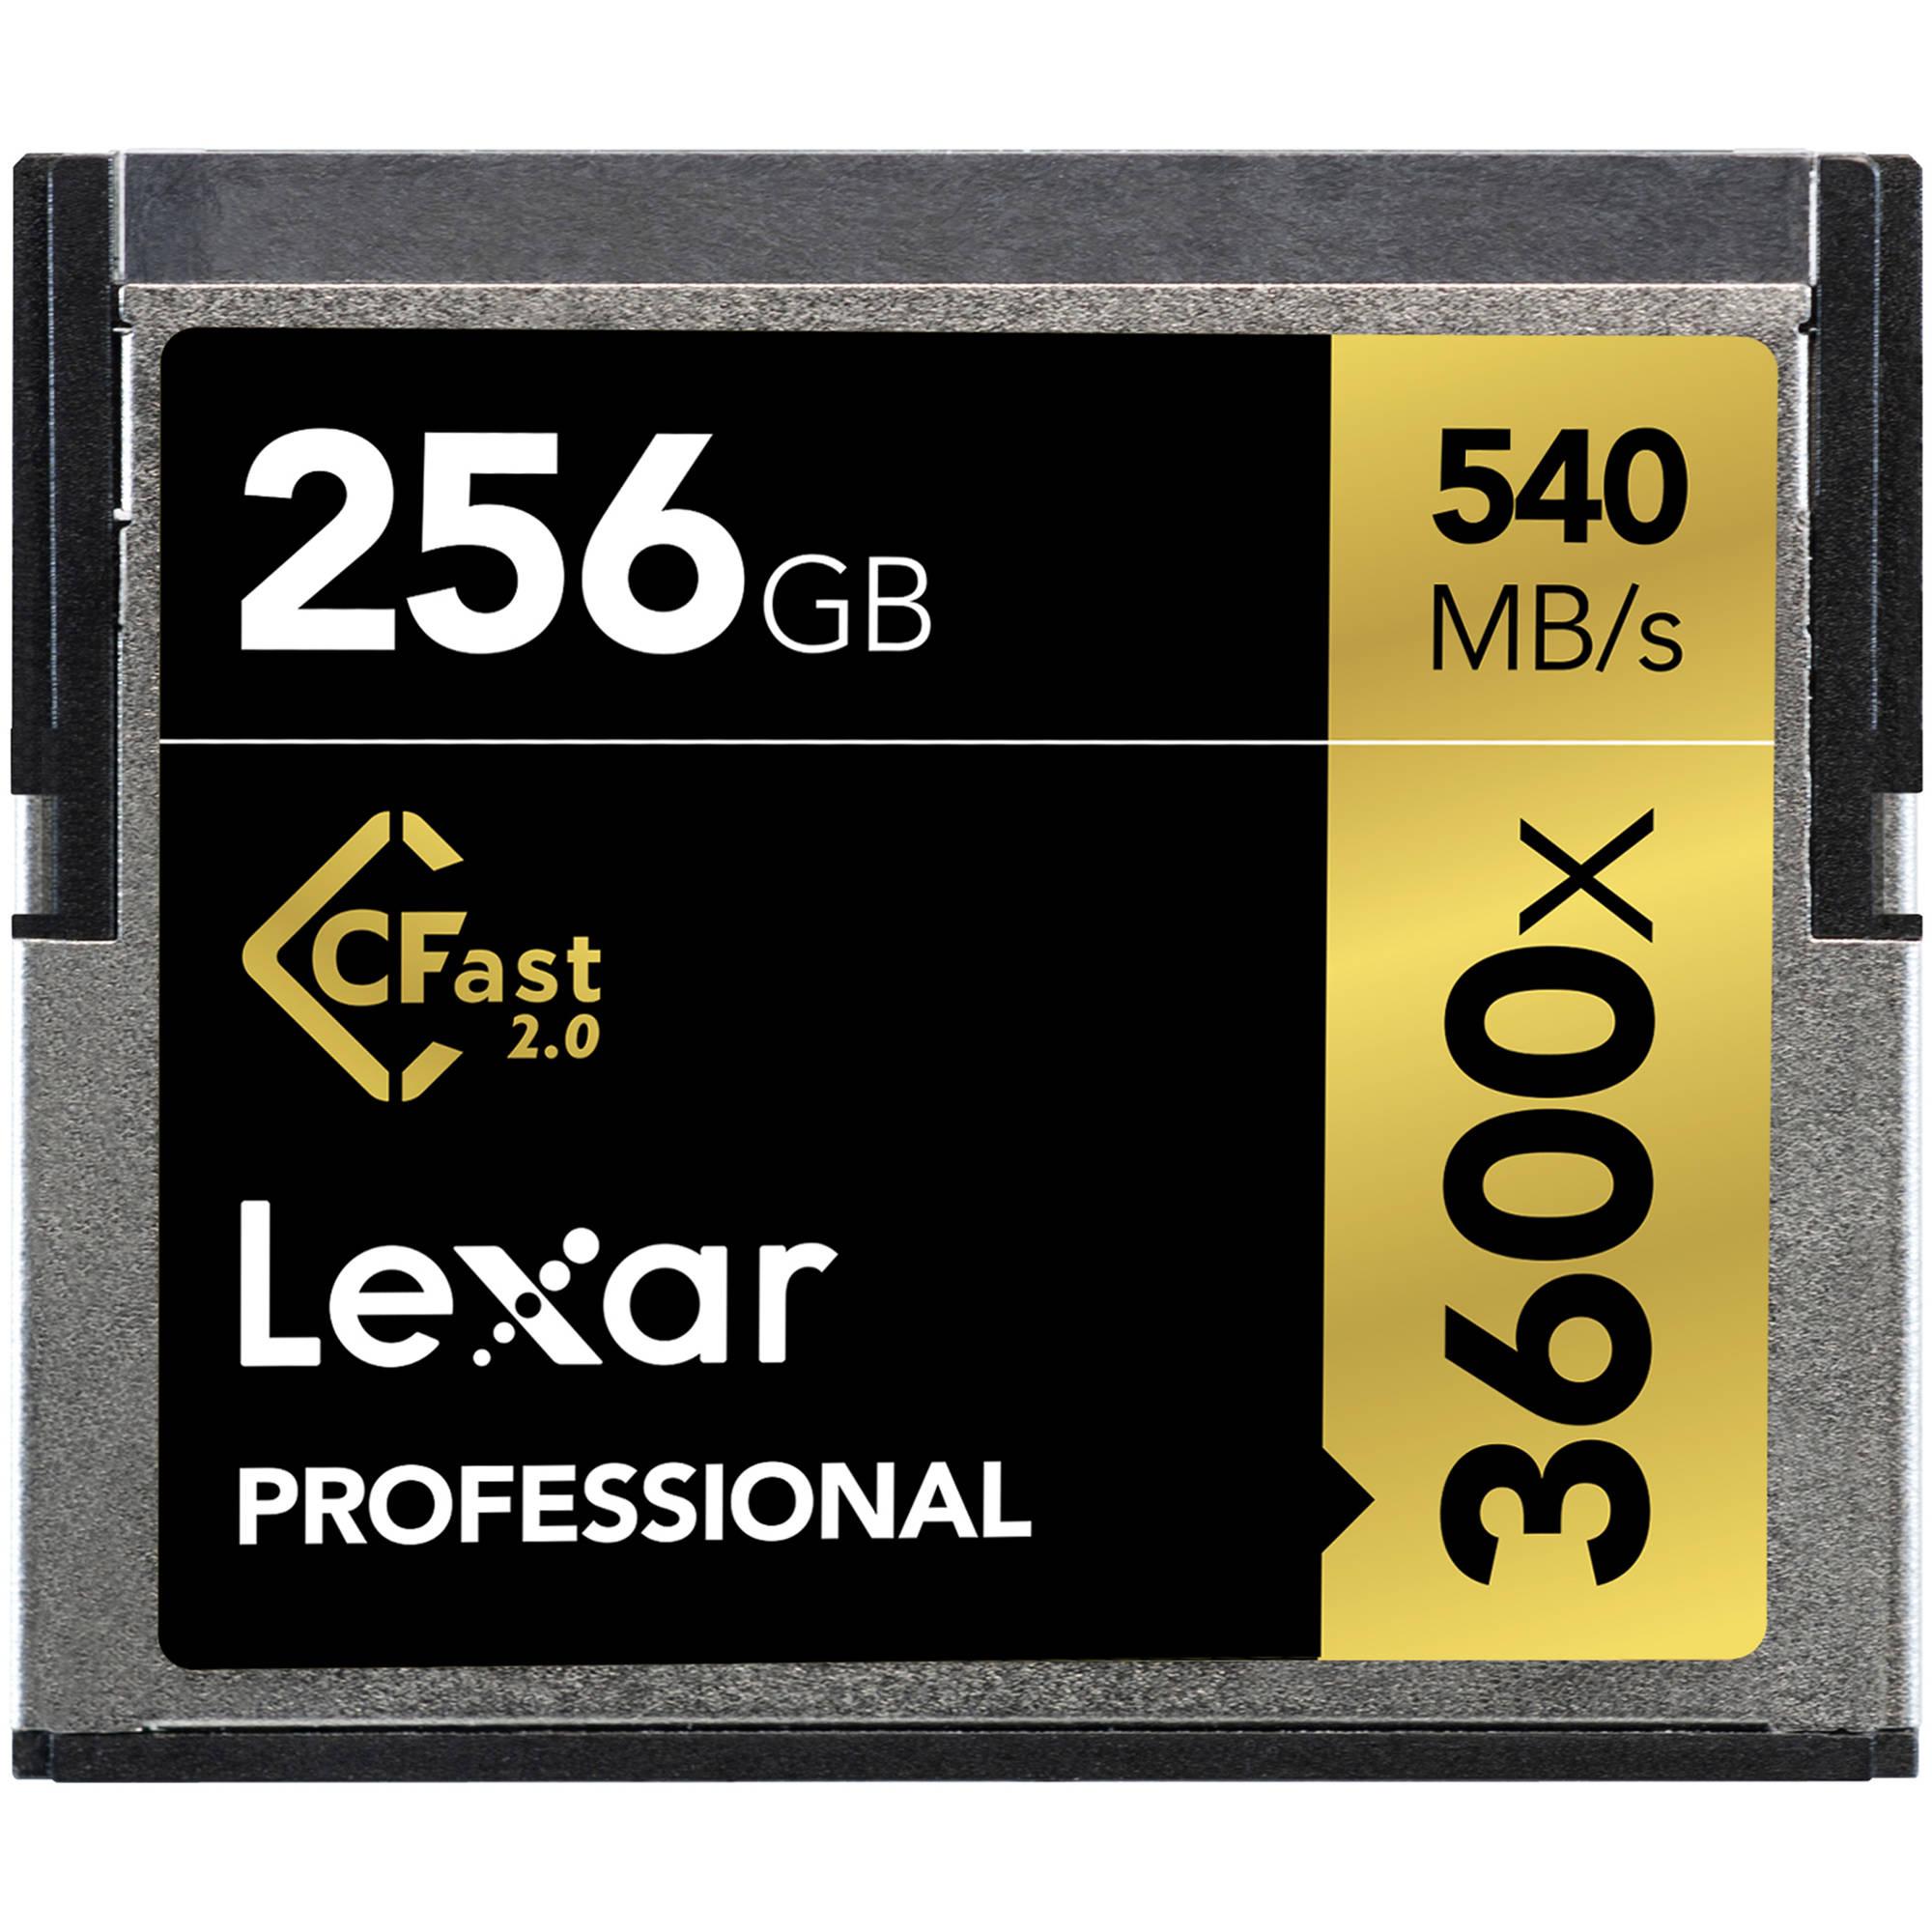 Lexar CFast 256GB